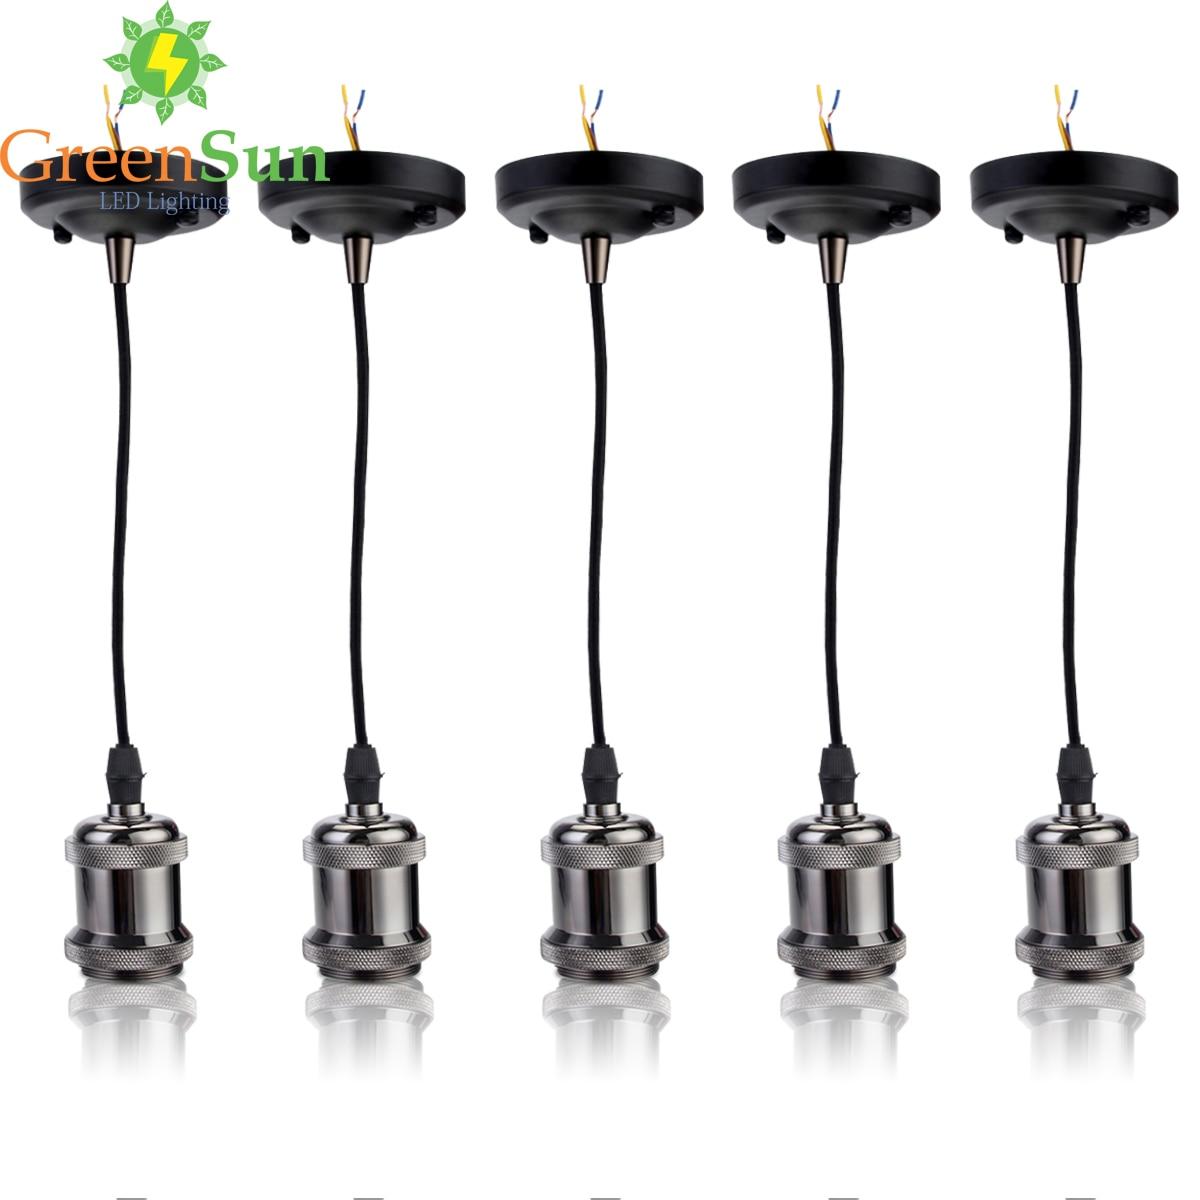 GreenSun 5Pcs Pearl Black E27 Aluminum Retro Screw Bulb Base Pendant Light Holder Set Ceiling Rose Light Socket With 1.35M Cable laptop battery for asus x552 x552cl x552e x552ea x552ep x552l x552ld x552vl x552la 15v 2950mah 44wh li ion oem